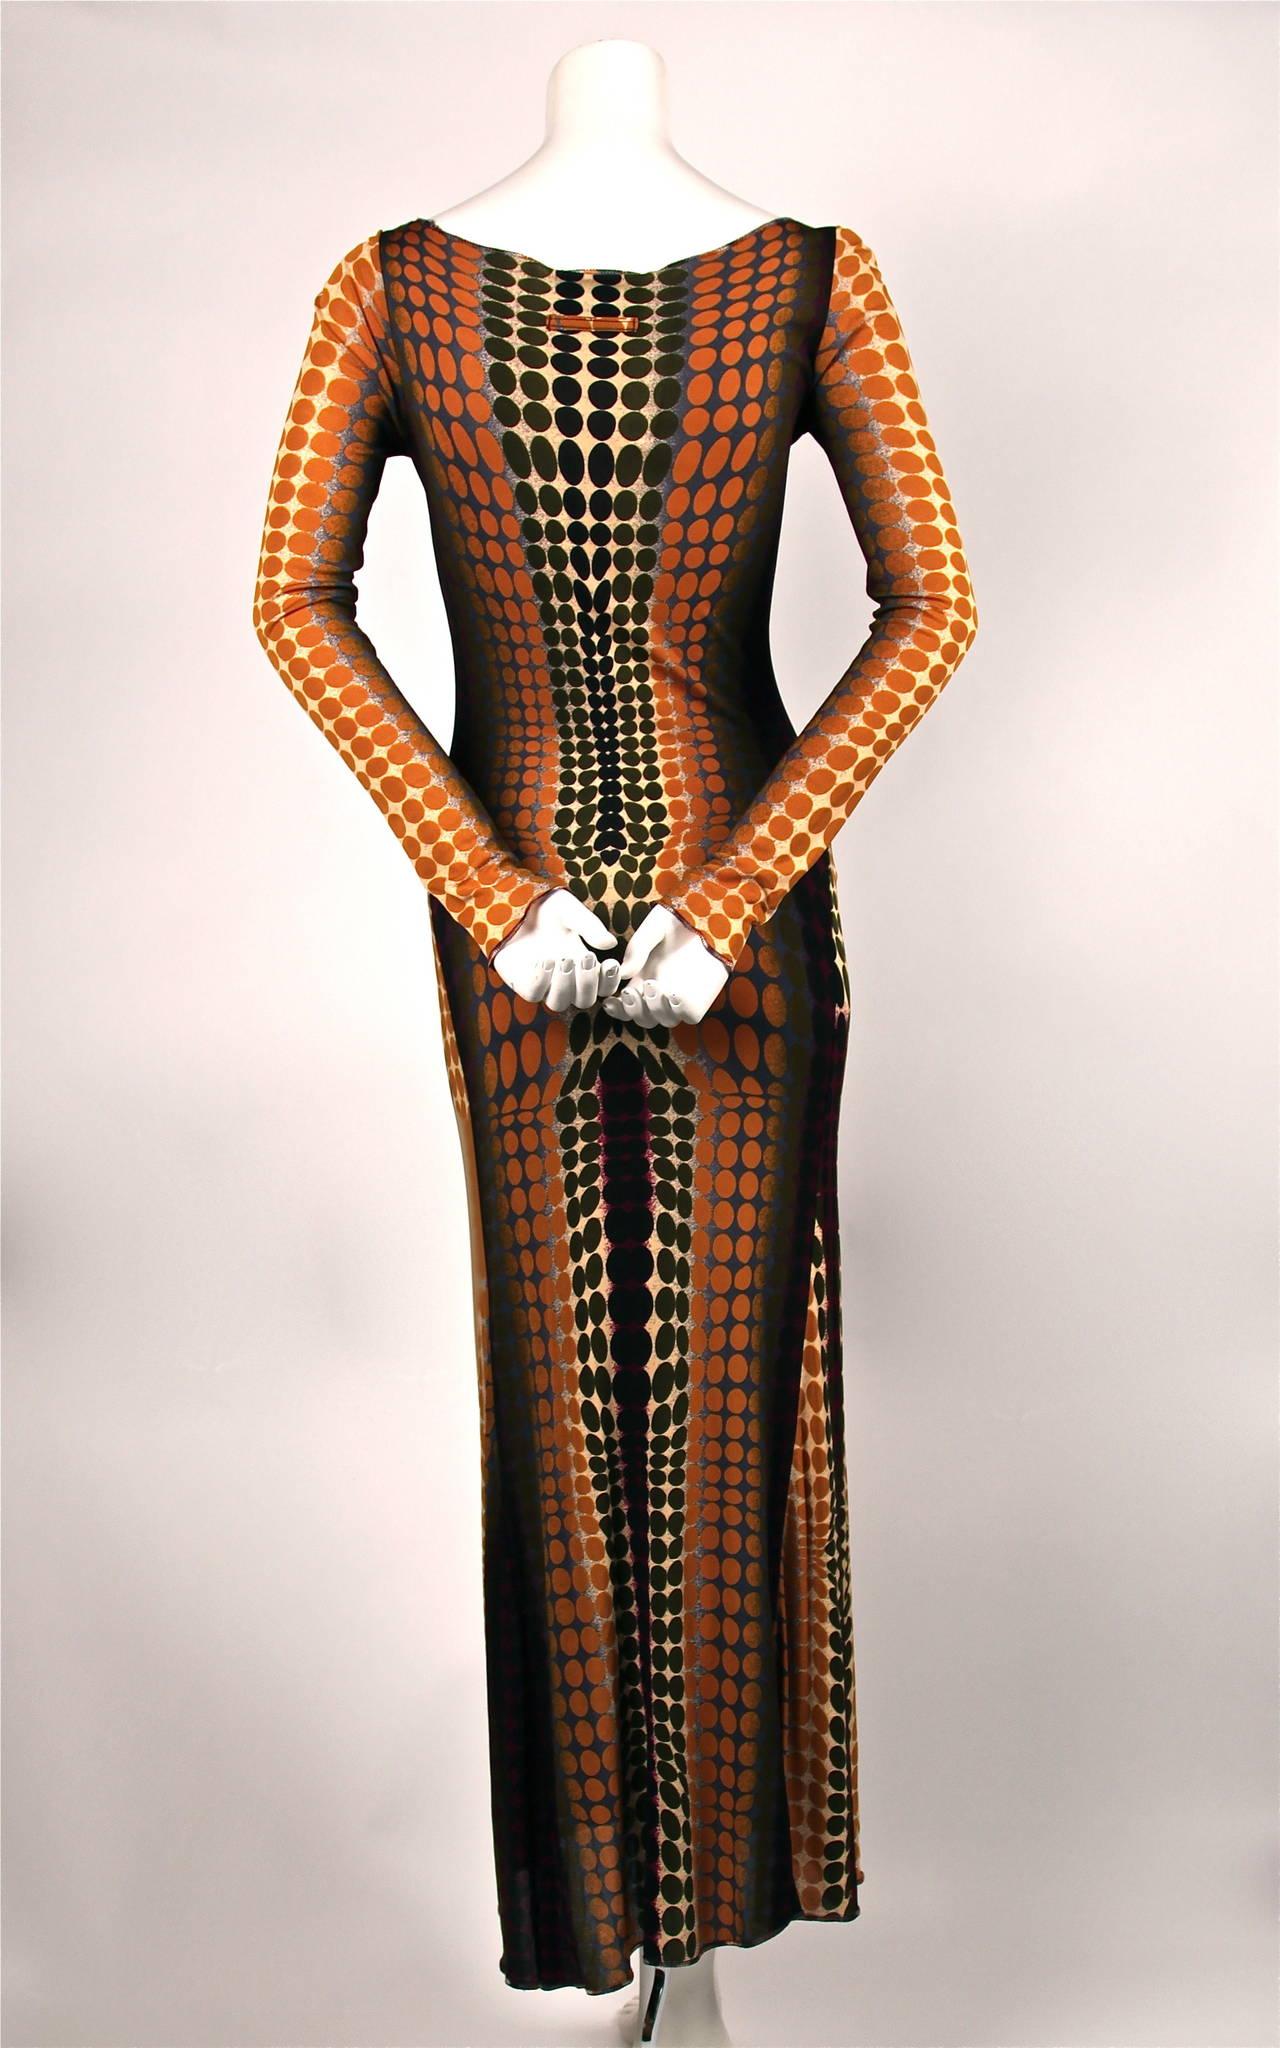 rare JEAN PAUL GAULTIER Op-art cyber print dress - 1995 4